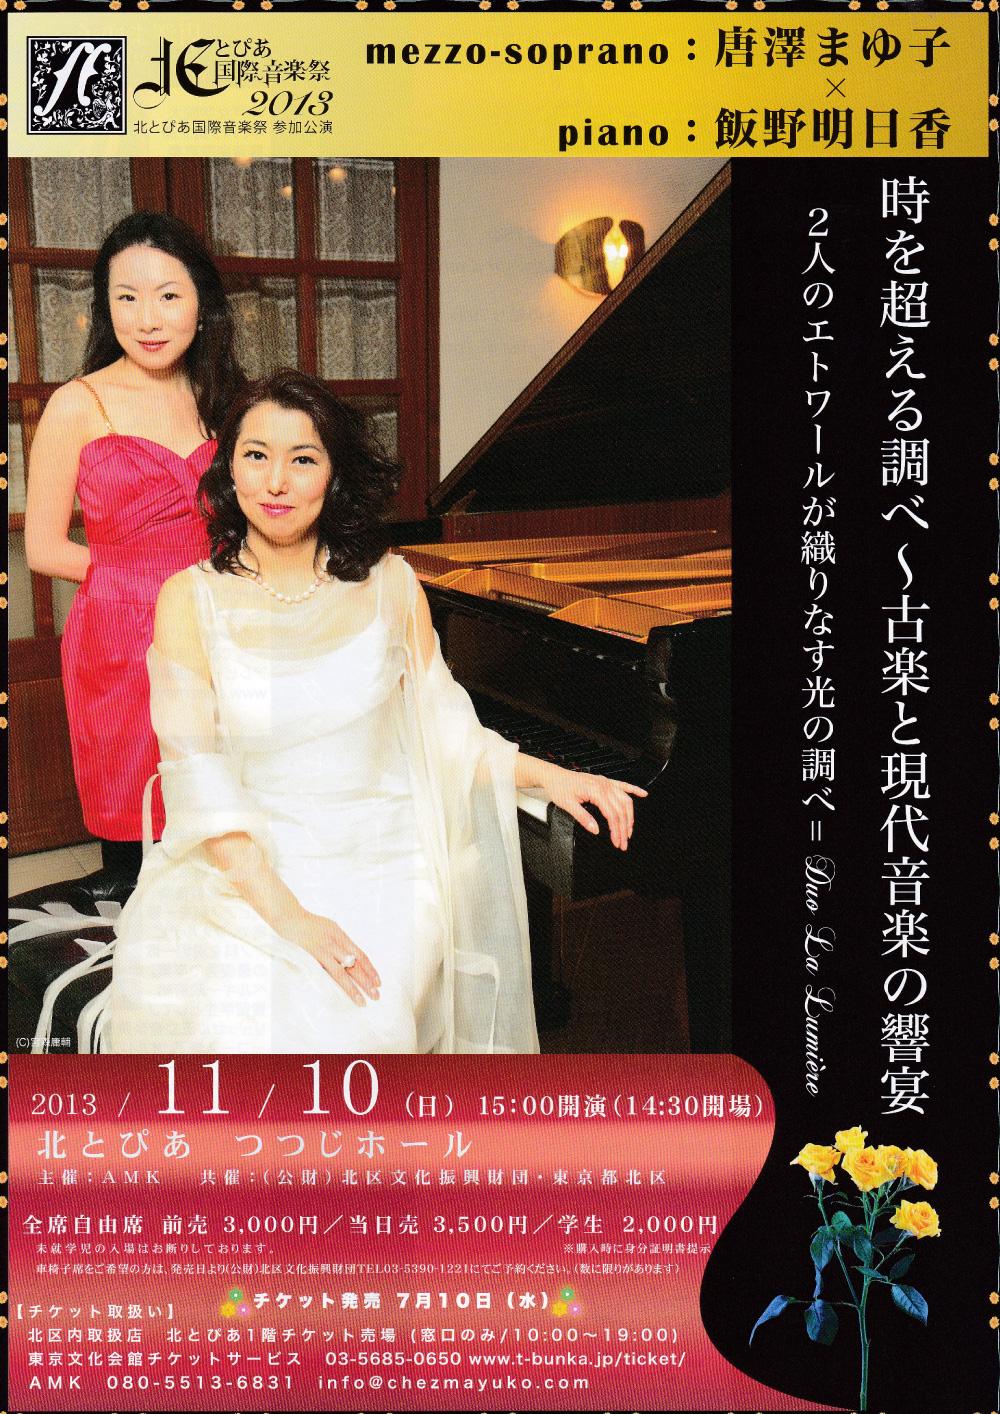 北とぴあ国際音楽祭 2013参加公演